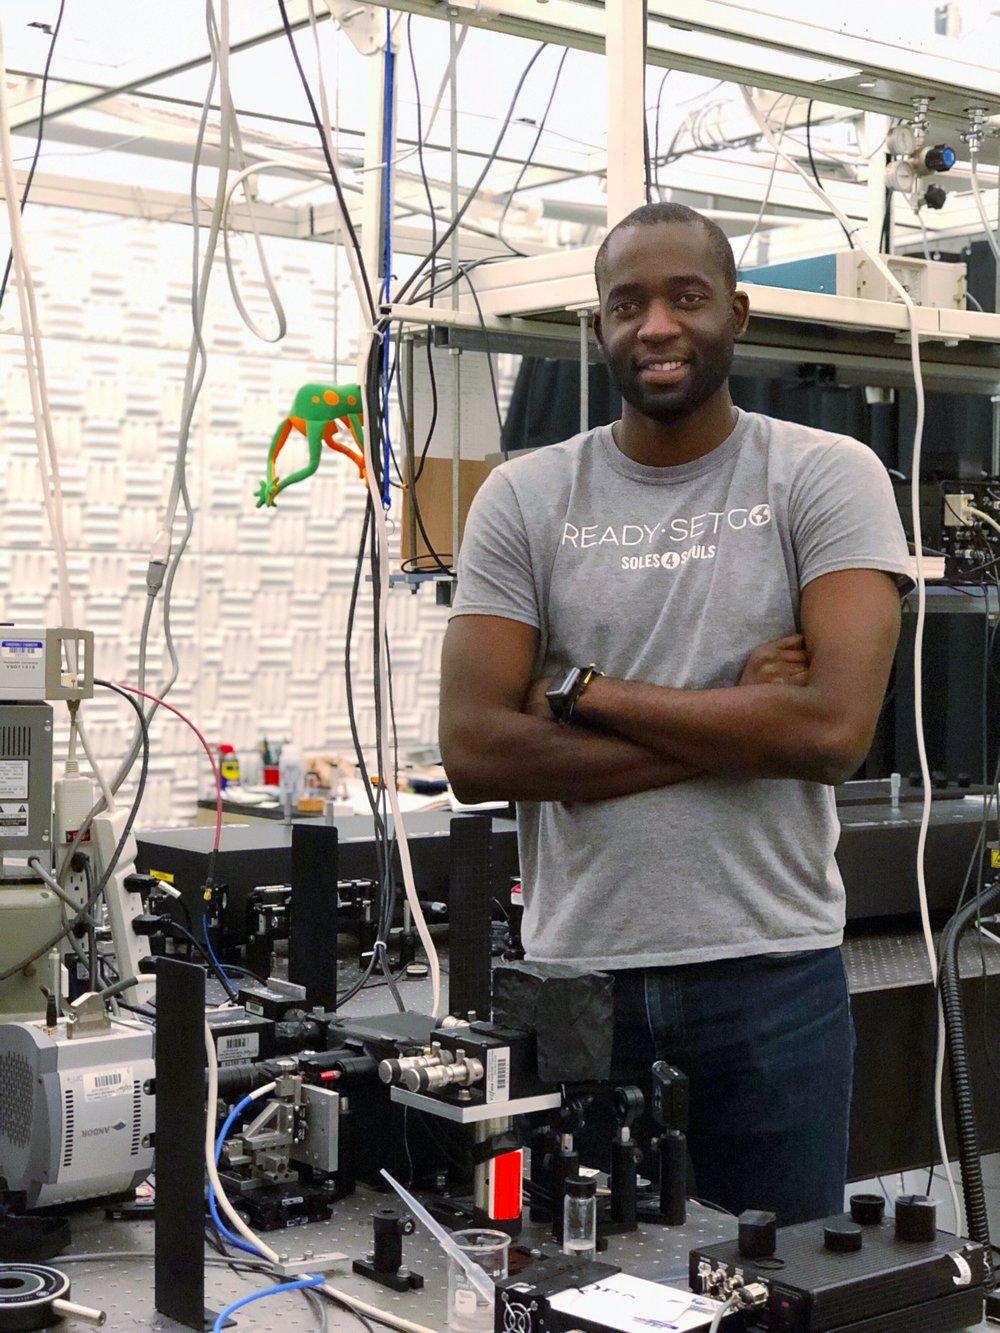 Meet this week's pheatured scientist - Phuture Dr. Kemar Reid